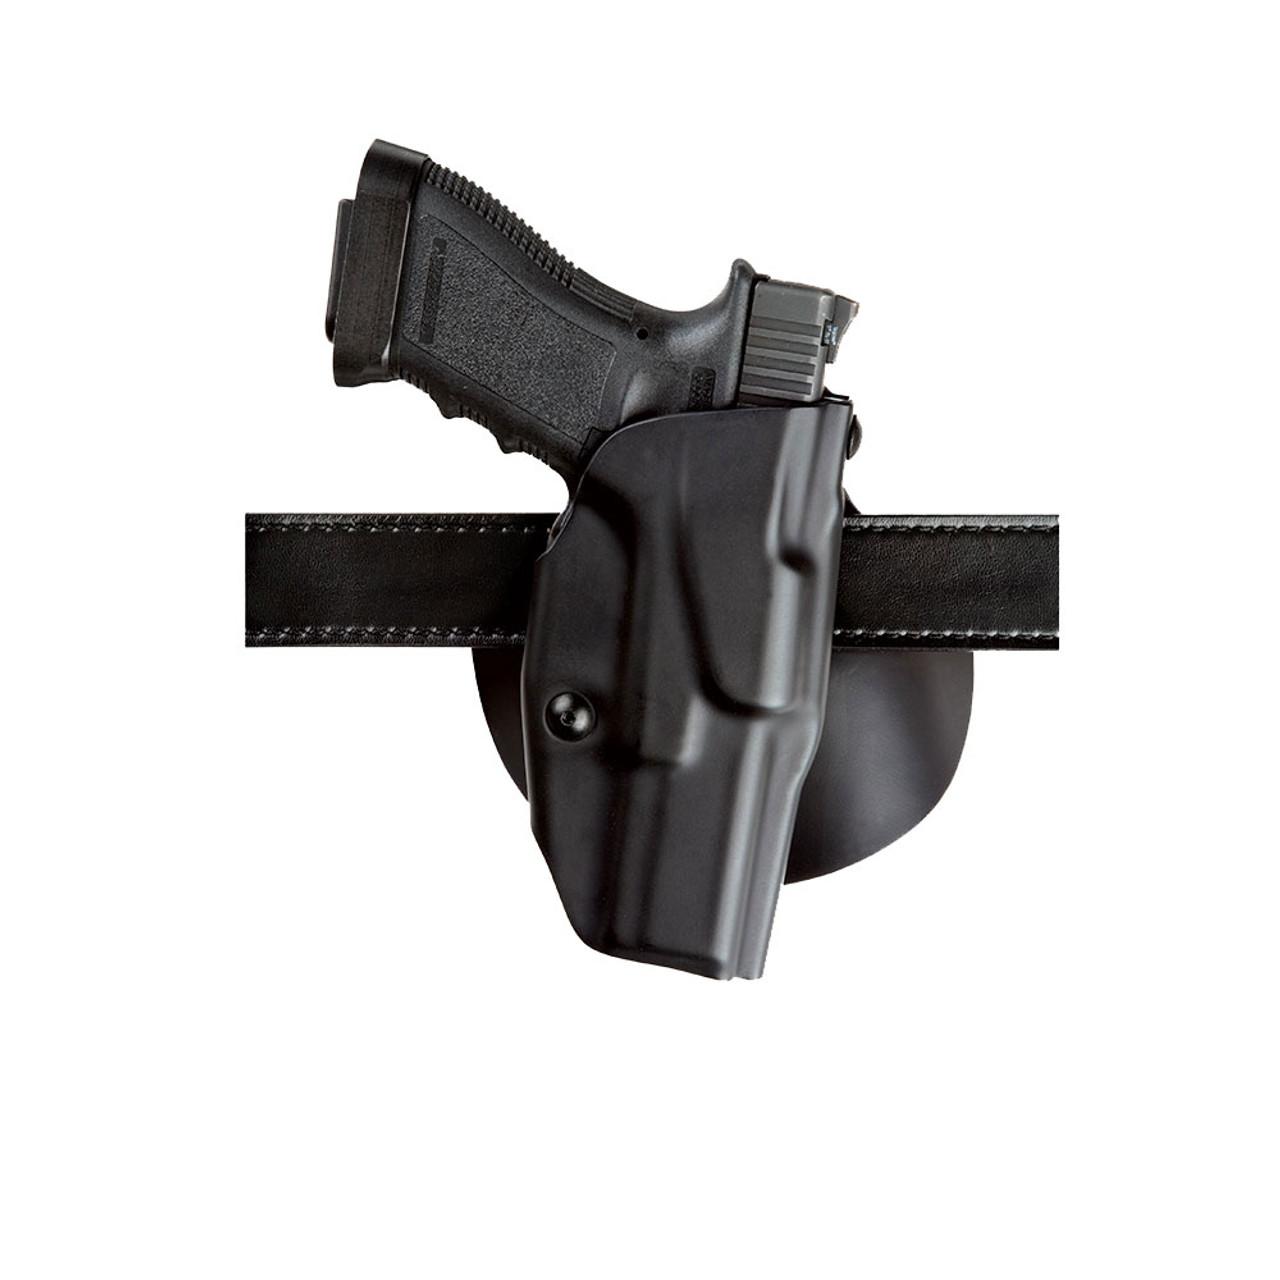 Safariland ALS Concealment Holster - Atlantic Tactical Inc